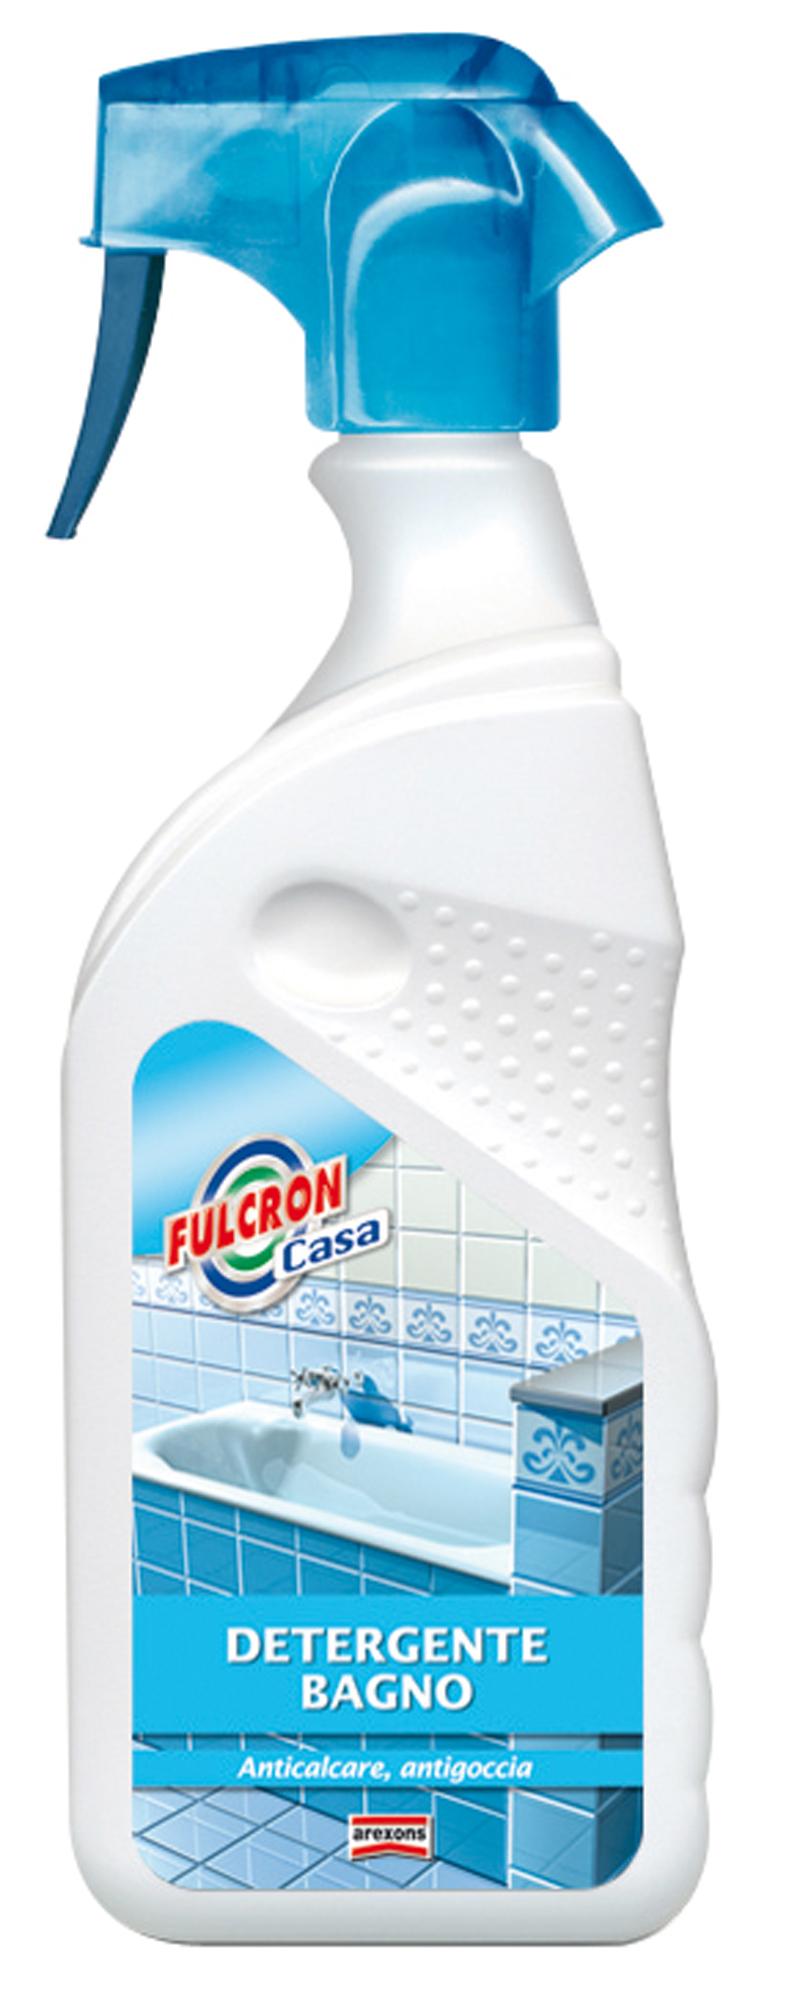 Detergente bagno fulcron - Malta a novembre bagno ...